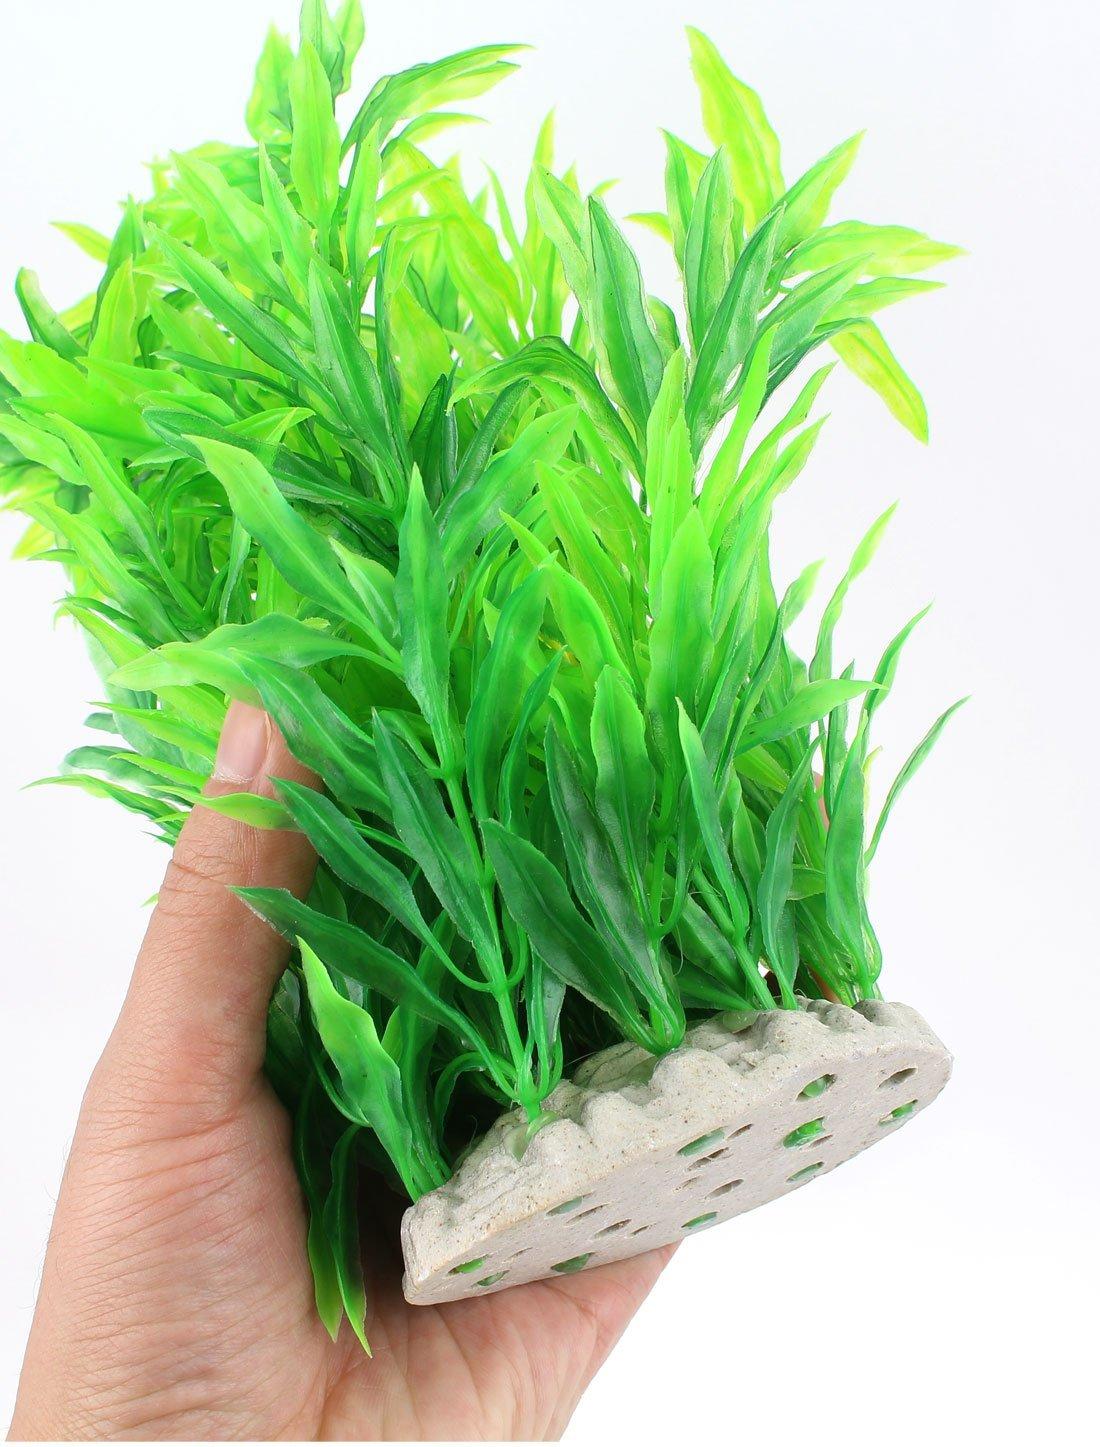 Amazon.com : eDealMax Ornamento de hierba Artificial de plástico del tanque de pescados de agua 27 cm Altura Verde : Pet Supplies